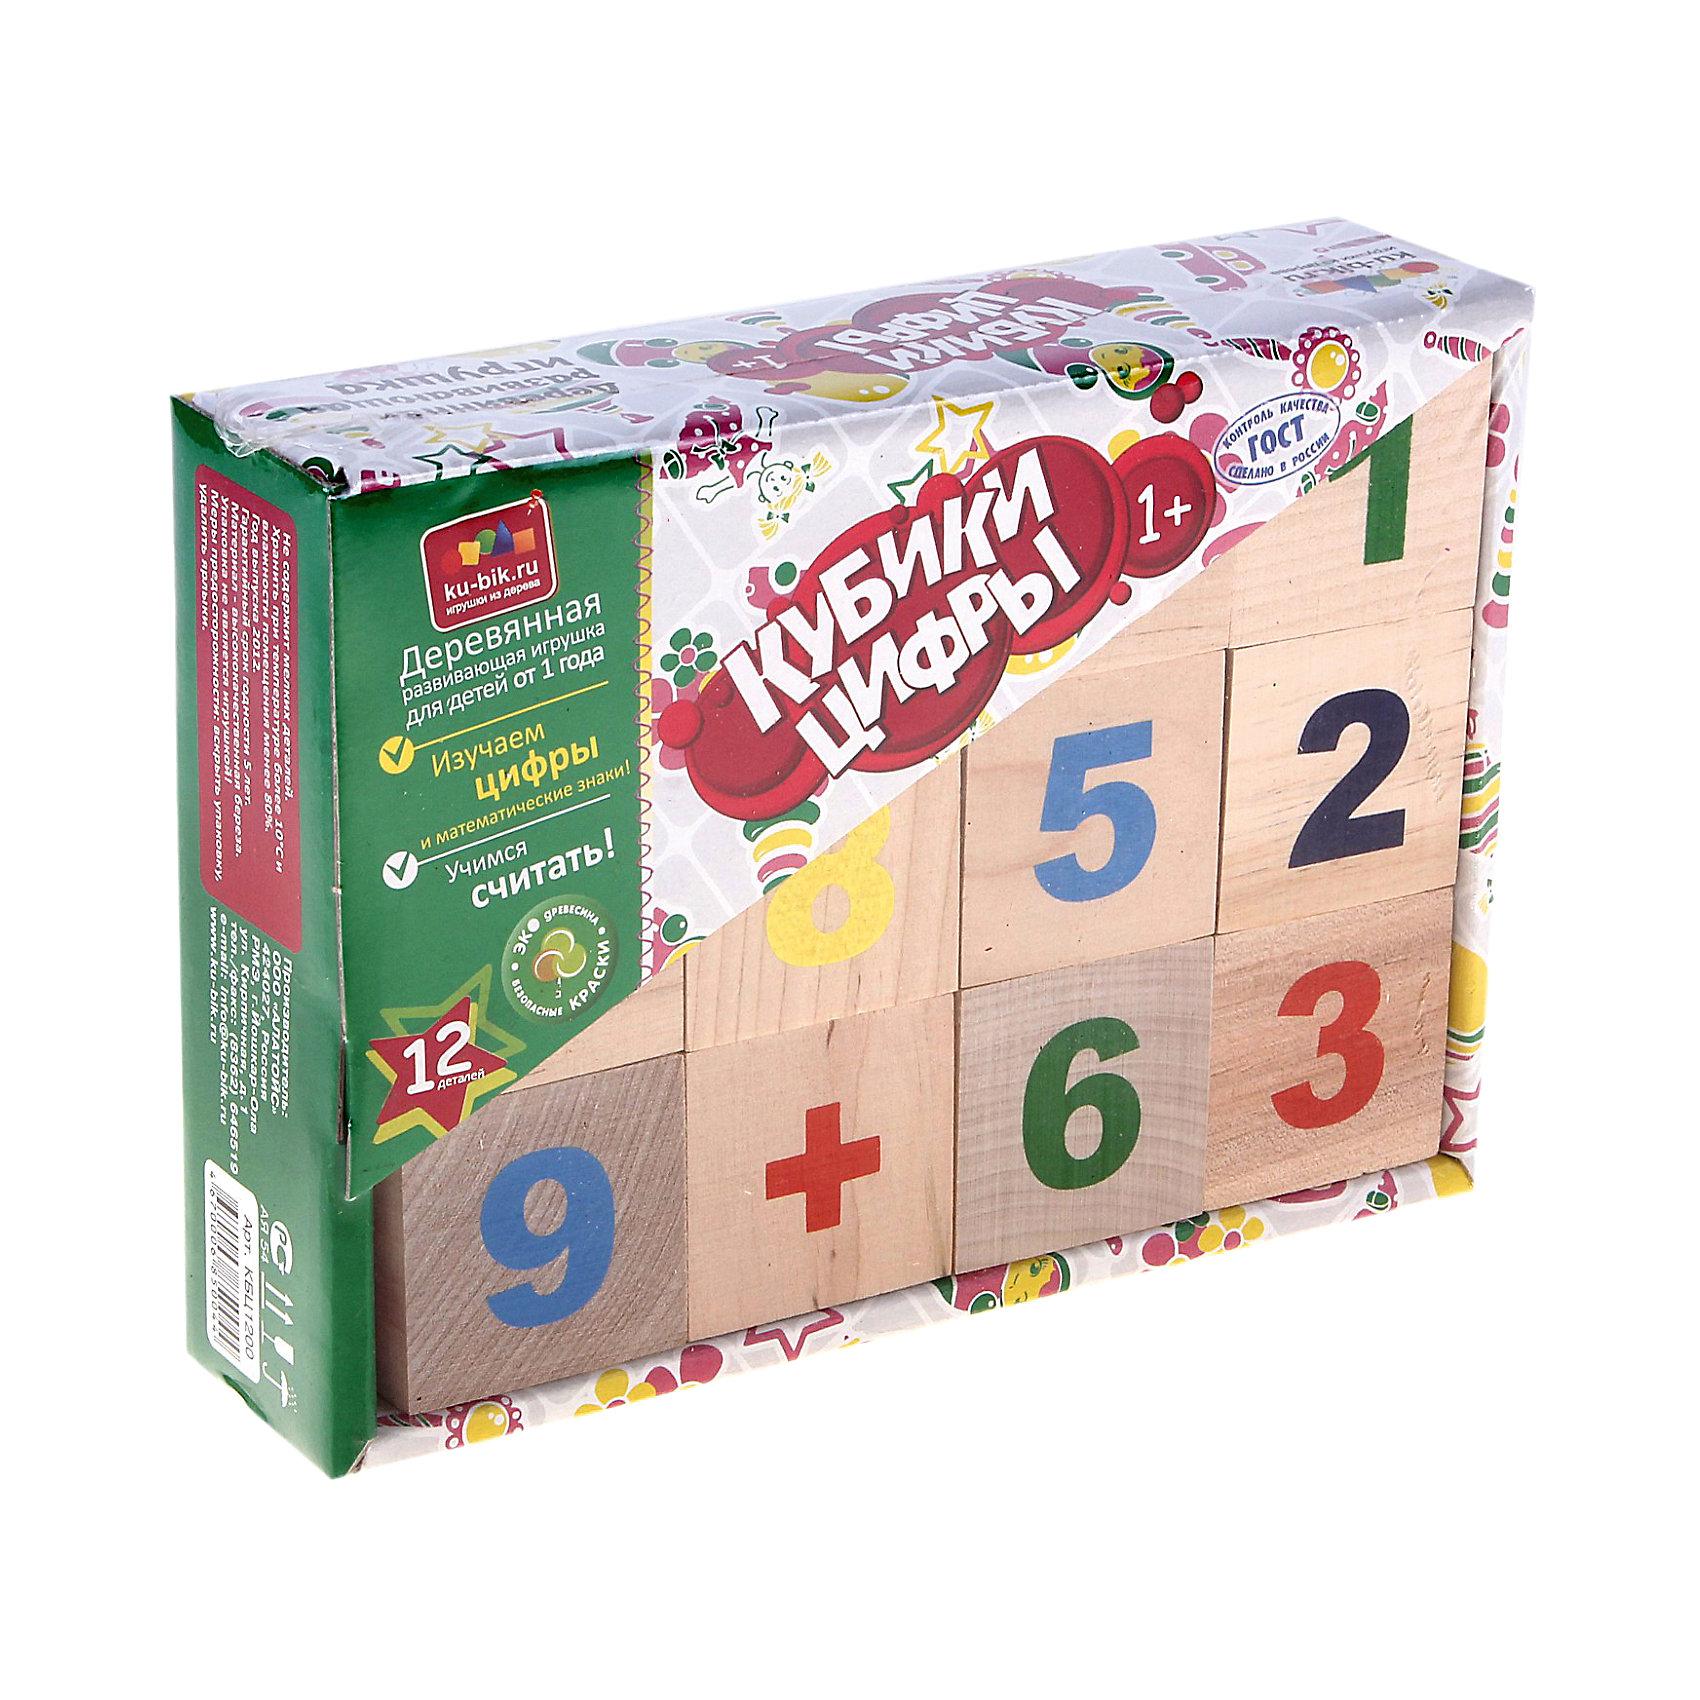 Деревянные кубики Alatoys Цифры, 12 штук (неокрашенные)Развивающие игрушки<br>Характеристики:<br><br>• возраст: от 3 лет<br>• комплектация: 12 кубиков<br>• материал: древесина<br>• упаковка: картонная коробка открытого типа<br>• размер упаковки: 13х17,5х4,5 см.<br>• вес: 520 гр.<br><br>Обучающие кубики Alatoys помогут малышу выучить цифры и освоить счет. На неокрашенных гранях кубика нанесены яркие цветные цифры и математические знаки.<br><br>Попросите малыша выбрать любой понравившийся кубик и расскажите ему про цифру на его грани. Выберите два кубика и сравните, какое число больше, а какое меньше. Обратите внимание ребенка на математические знаки: плюс, минус, умножить, разделить, равно. Объясните, что значит каждый из них, и с помощью кубиков научите малыша складывать, вычитать, умножать и делить.<br><br>Из кубиков также можно просто строить пирамидки и другие постройки.<br><br>Кубики изготовлены из цельной древесины и тщательно отшлифованы. Кубики долговечны и безопасны, их приятно держать в руках.<br><br>Кубики ALATOYS КБЦ1200 Кубики Цифры деревянные неокрашенные 12 шт. можно купить в нашем интернет-магазине.<br><br>Ширина мм: 130<br>Глубина мм: 175<br>Высота мм: 45<br>Вес г: 520<br>Возраст от месяцев: 36<br>Возраст до месяцев: 2147483647<br>Пол: Унисекс<br>Возраст: Детский<br>SKU: 7140532